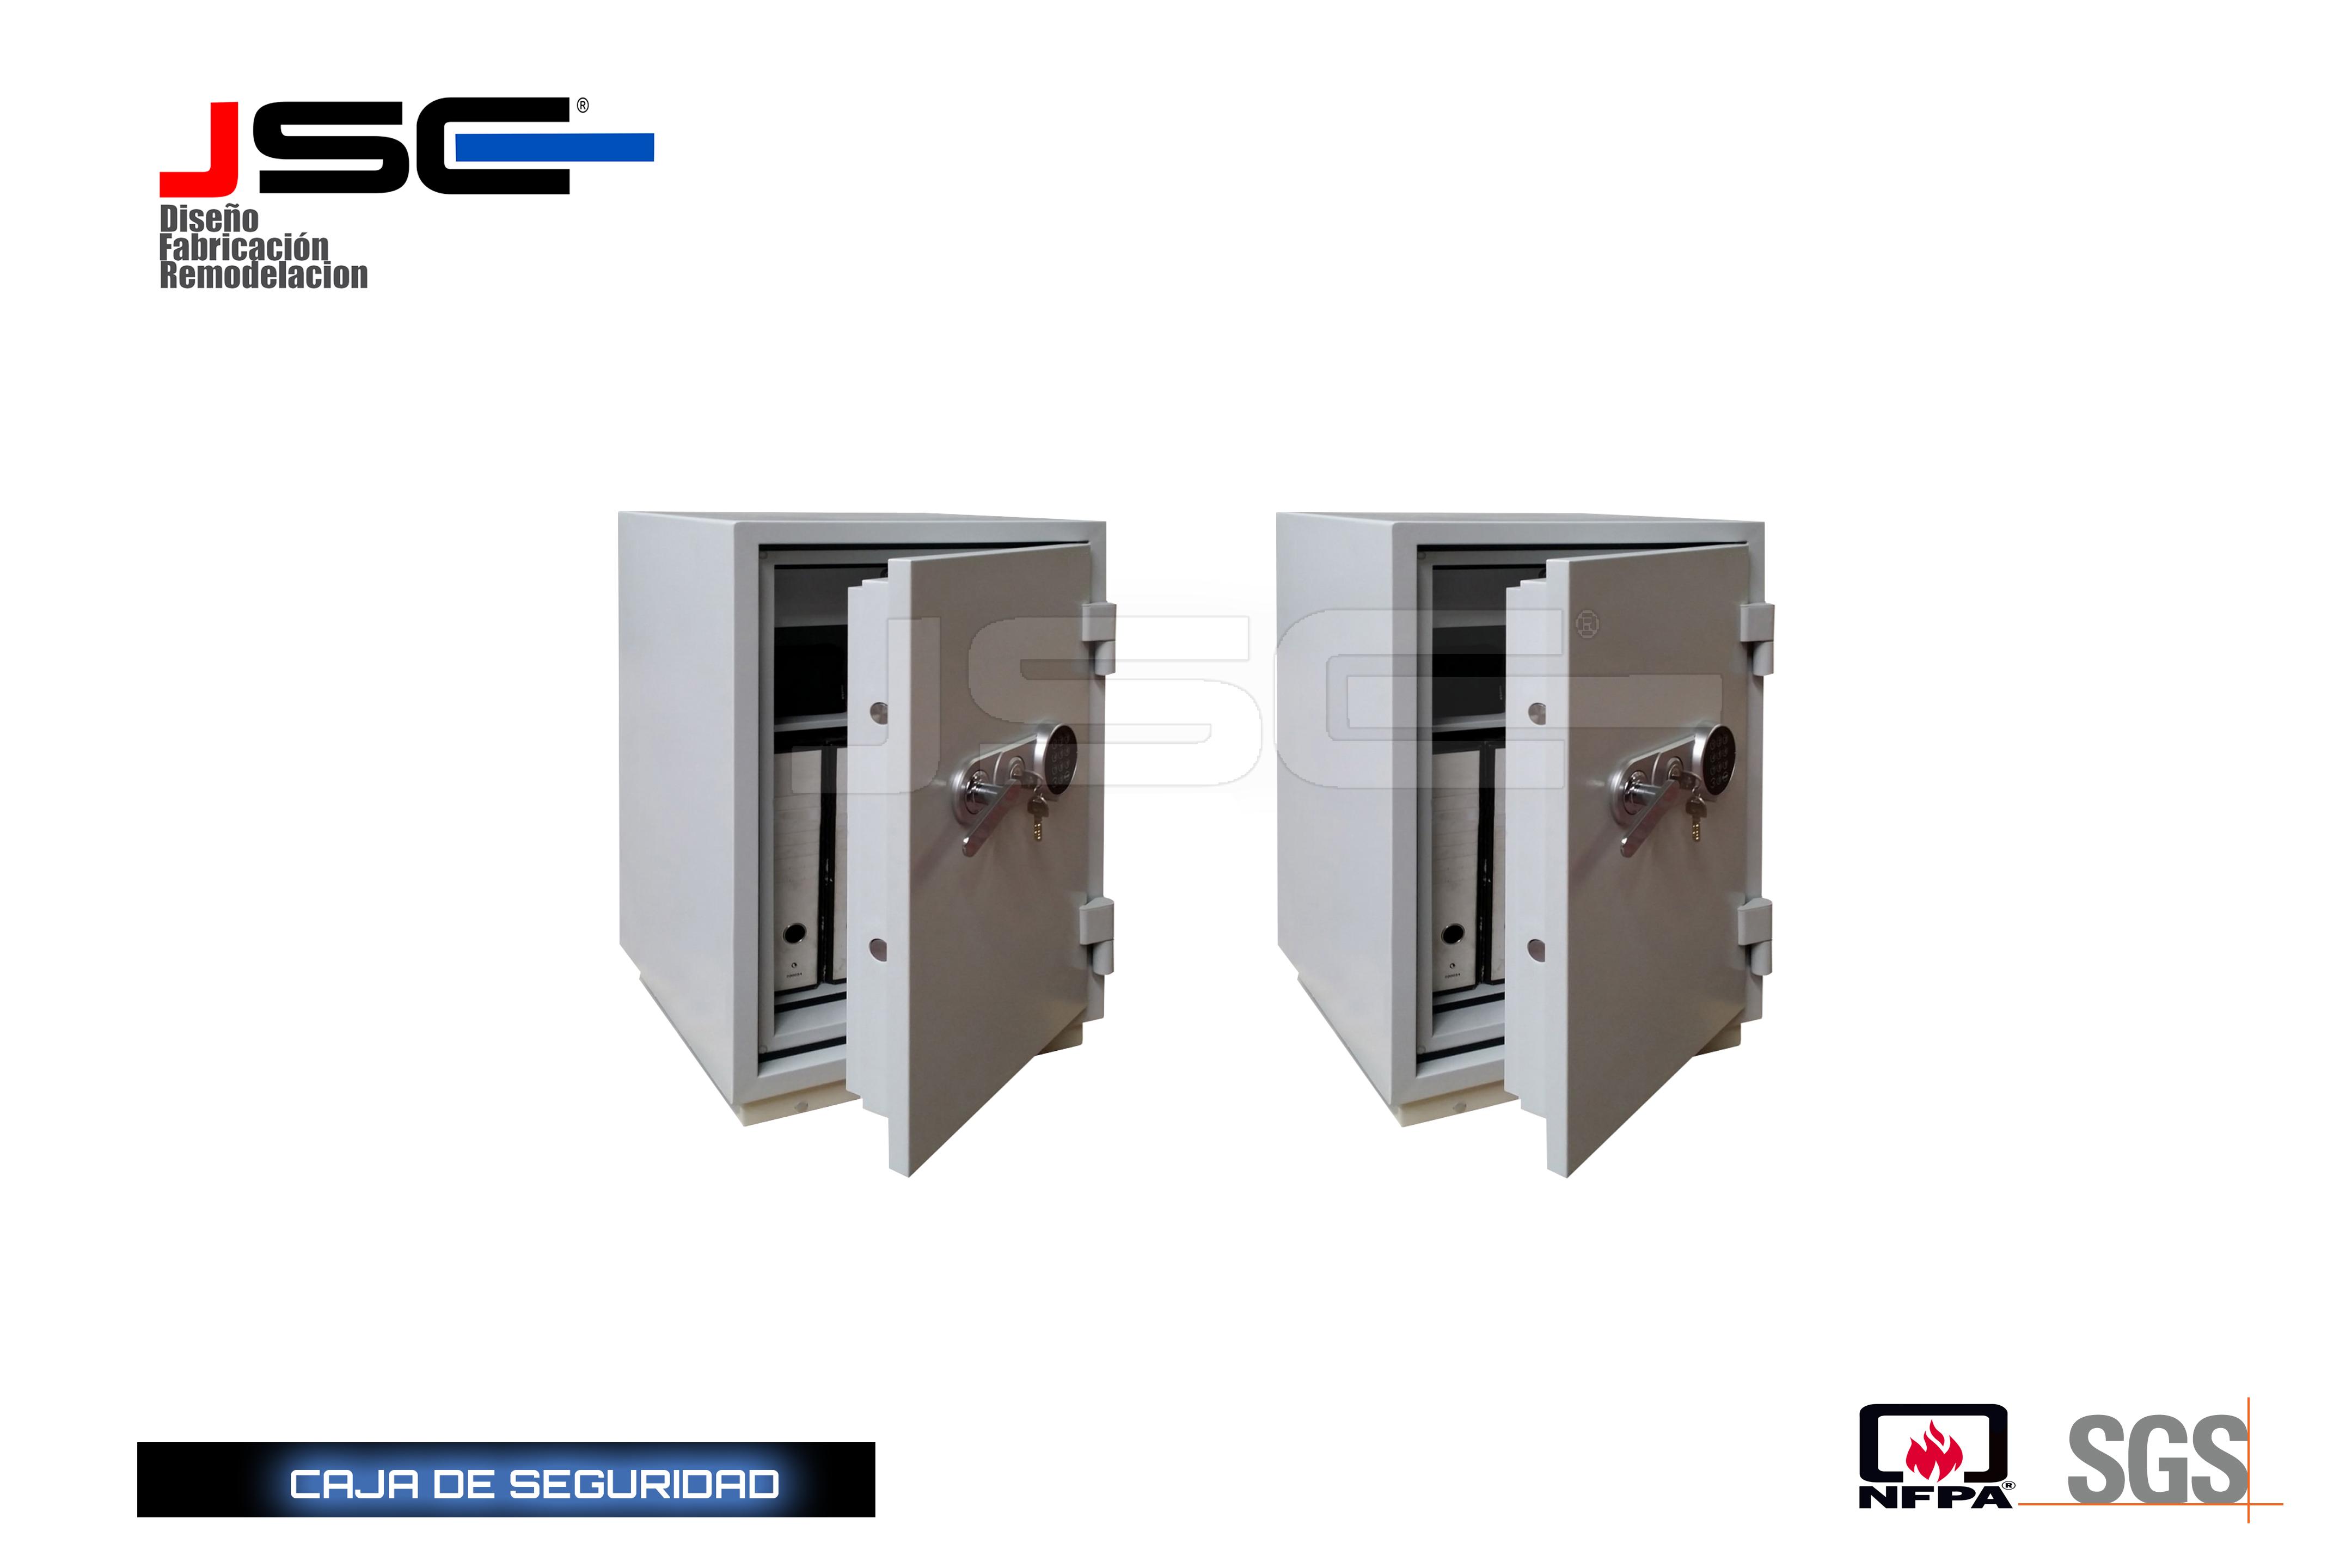 Caja de piso JSCP007